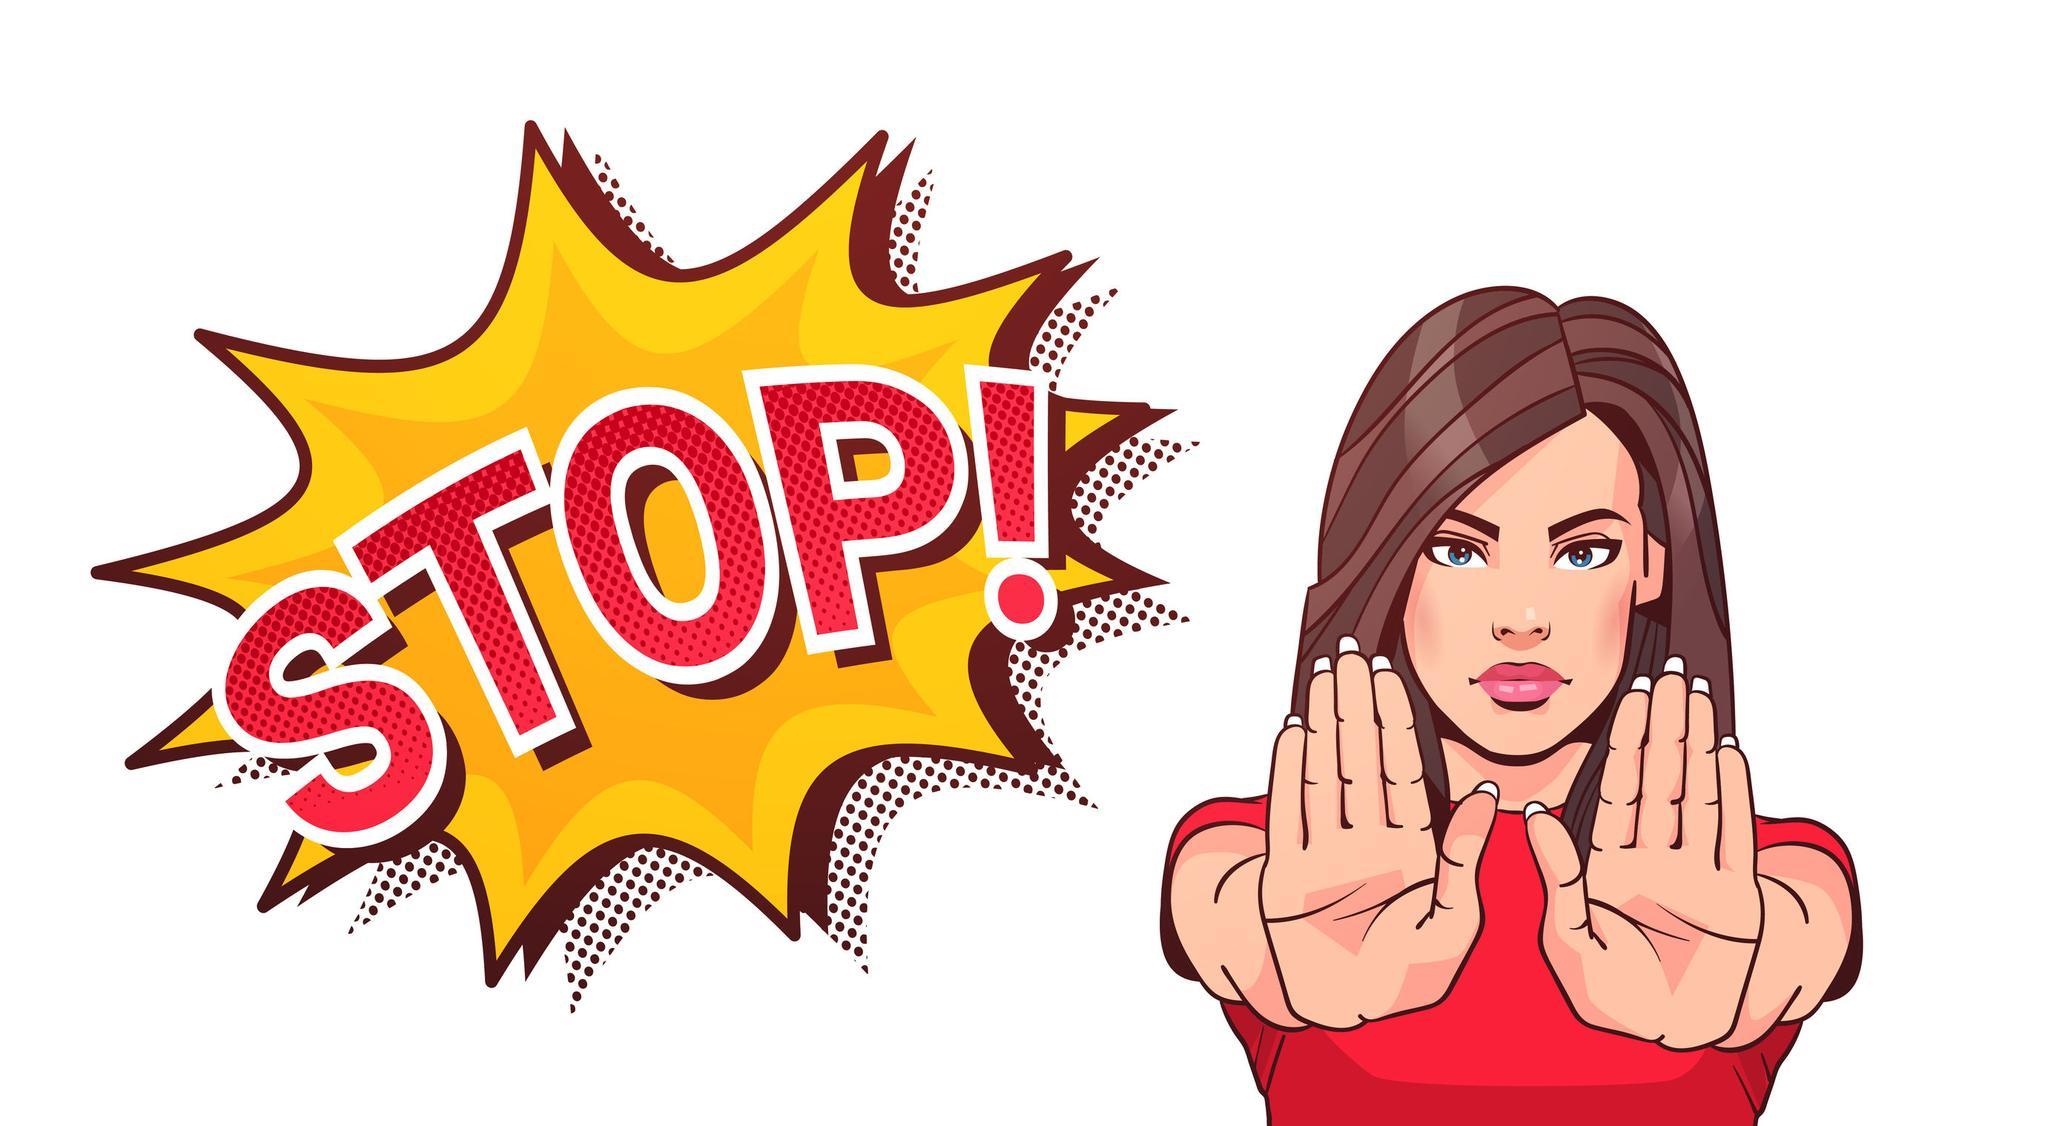 Comic Stop Gewalt von Frauen